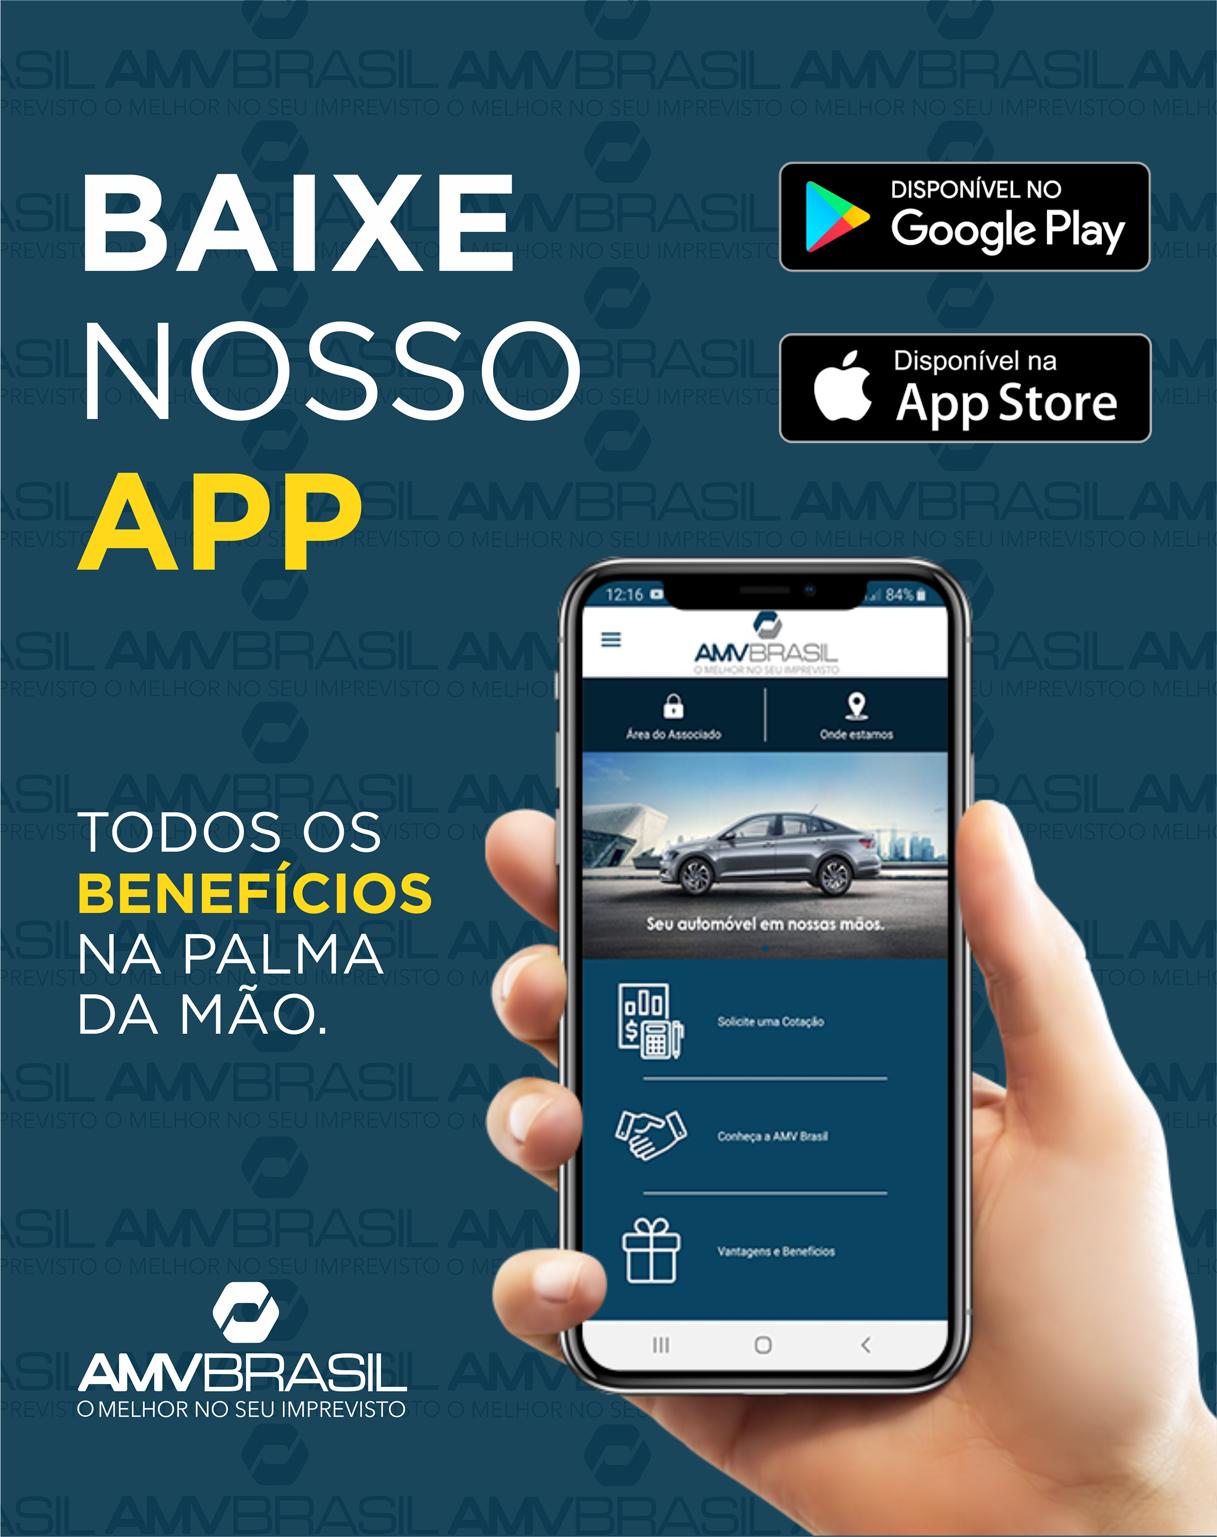 Baixe o app AMV